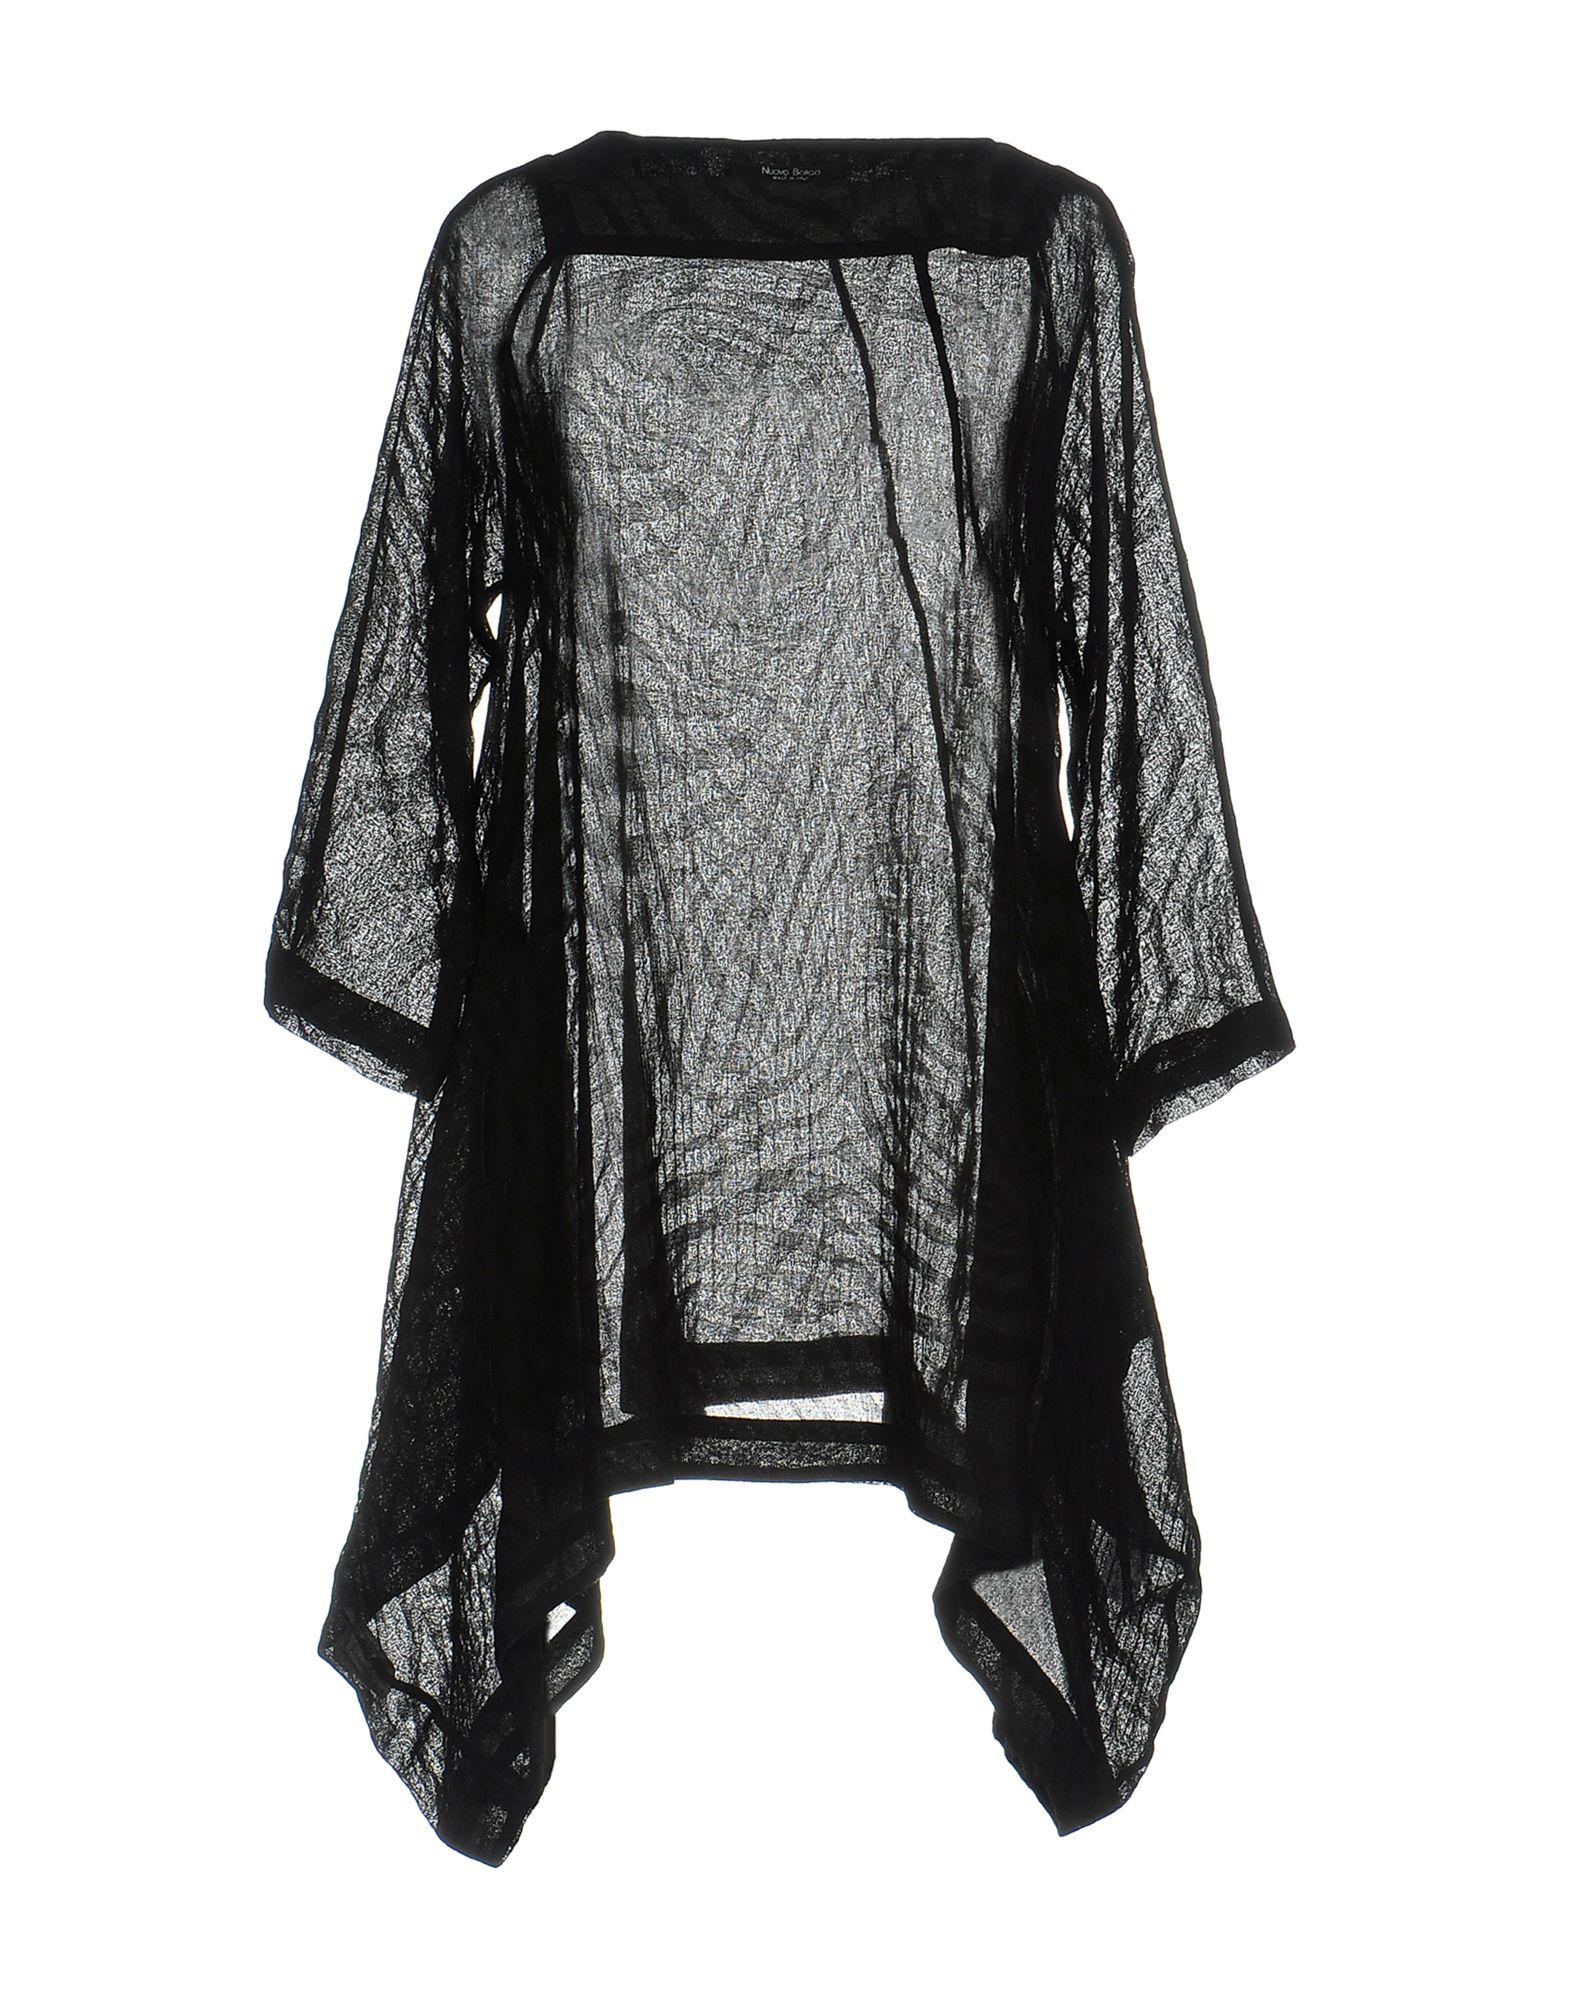 где купить NUOVO BORGO Блузка по лучшей цене